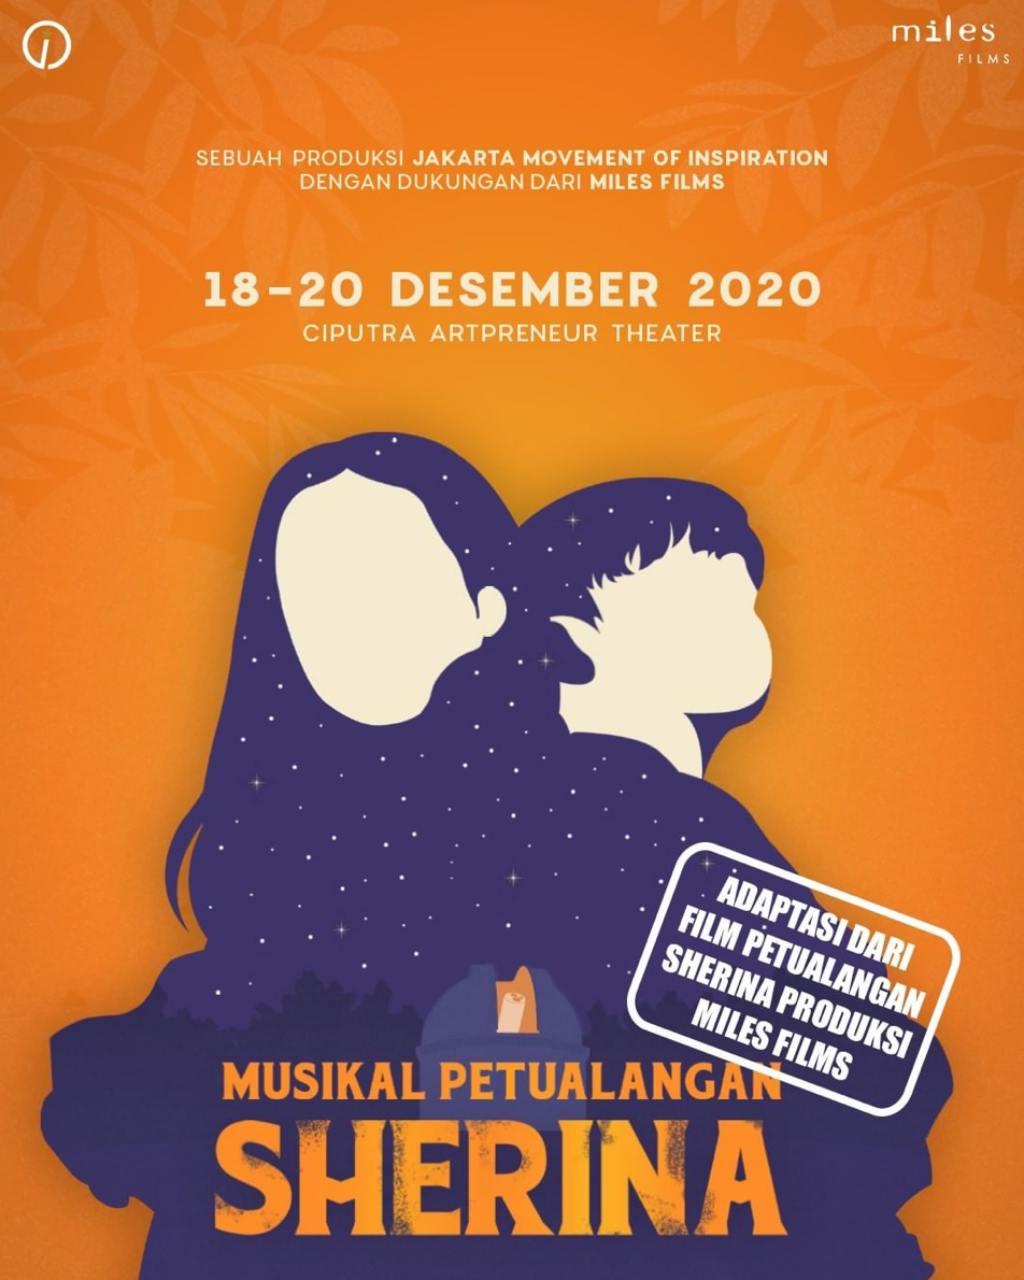 Musikal Petualangan Sherina Now Jakarta